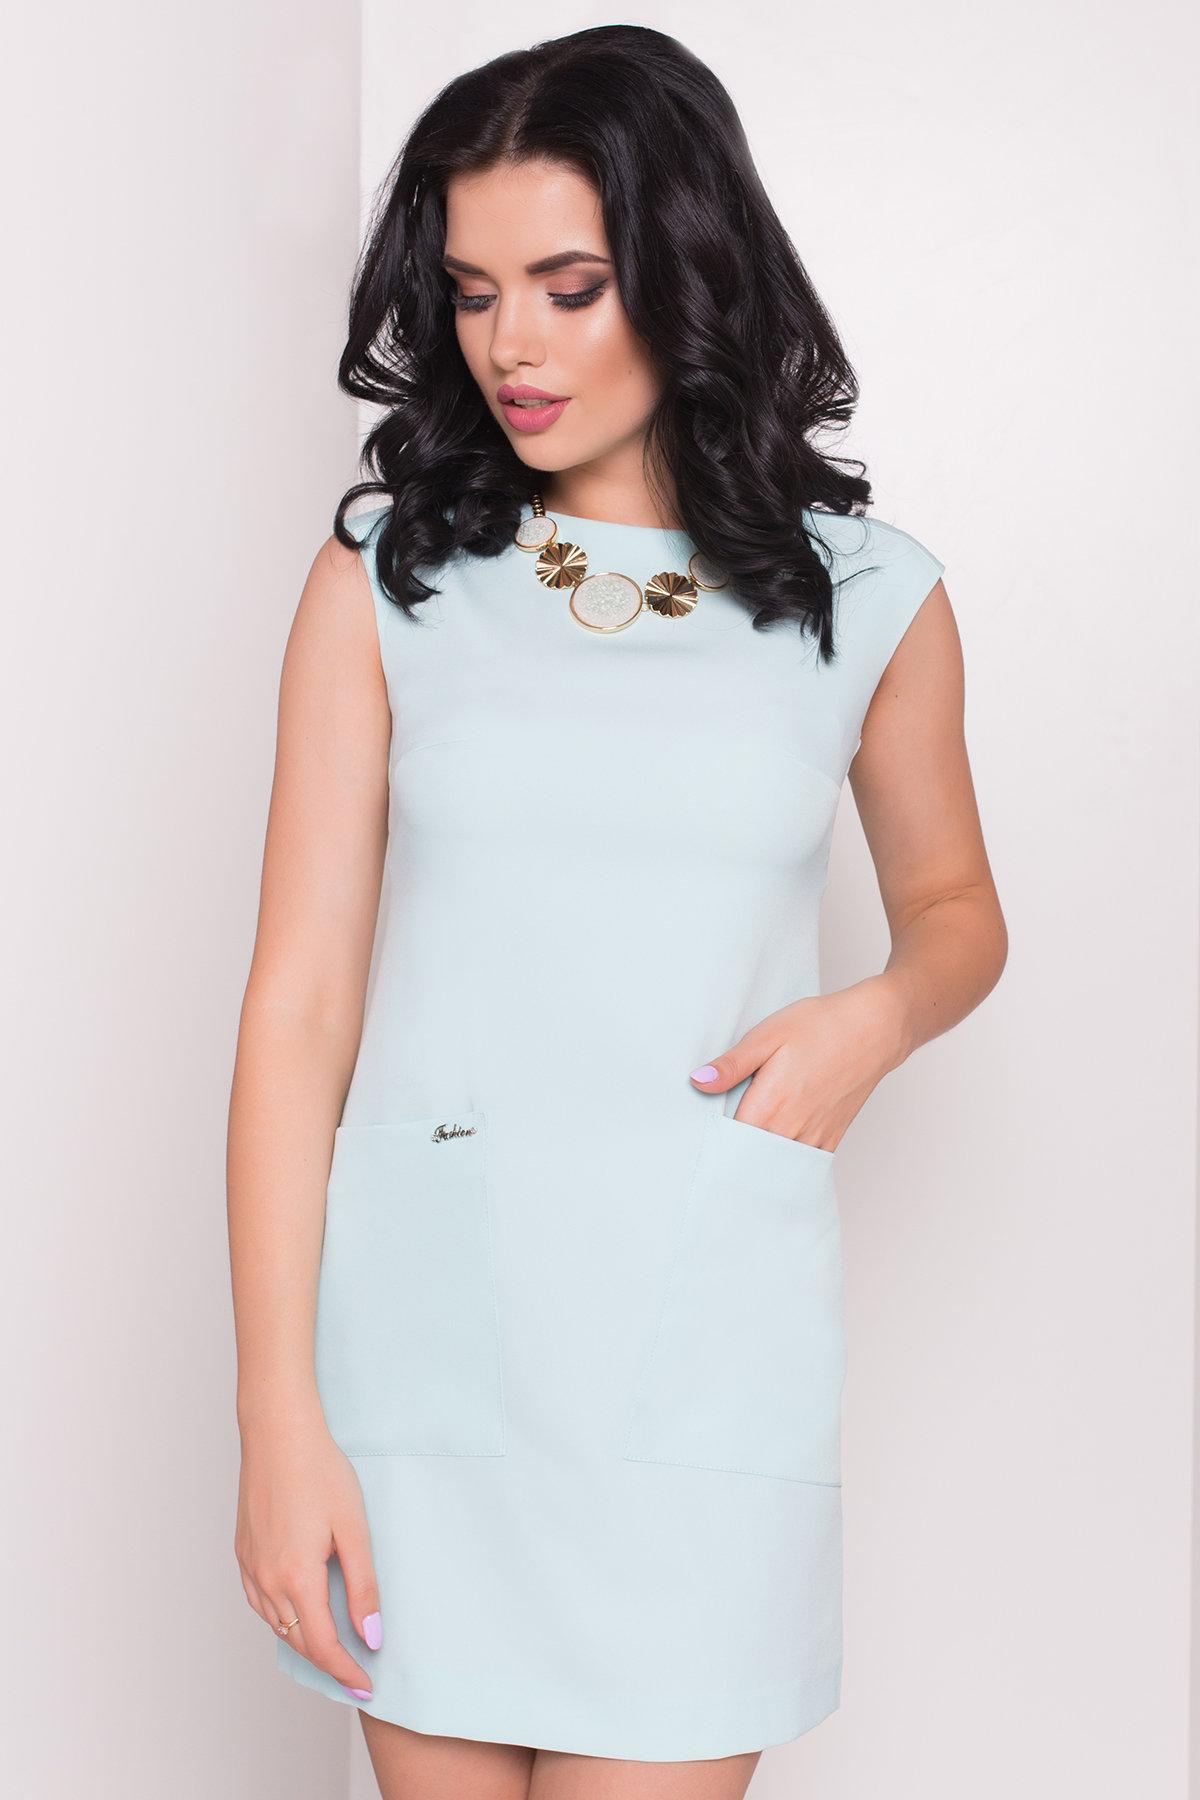 Платье Виларго лайт 270 АРТ. 6496 Цвет: Светлая-мята - фото 3, интернет магазин tm-modus.ru